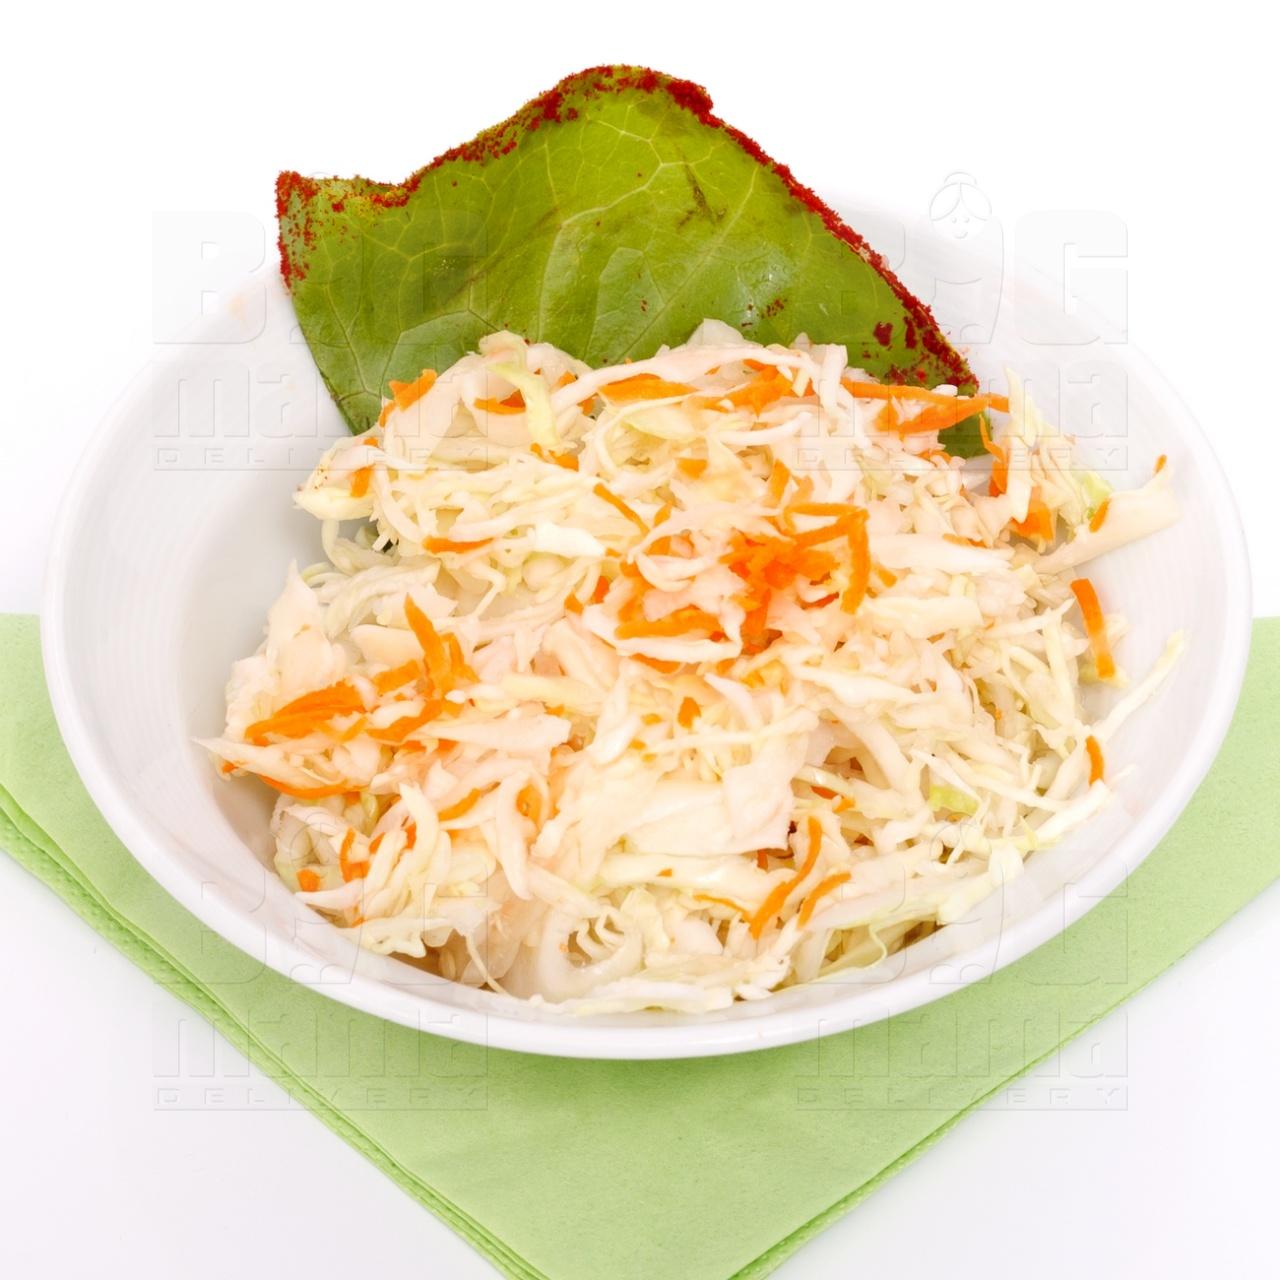 Product #41 image - Salată de varză proaspătă